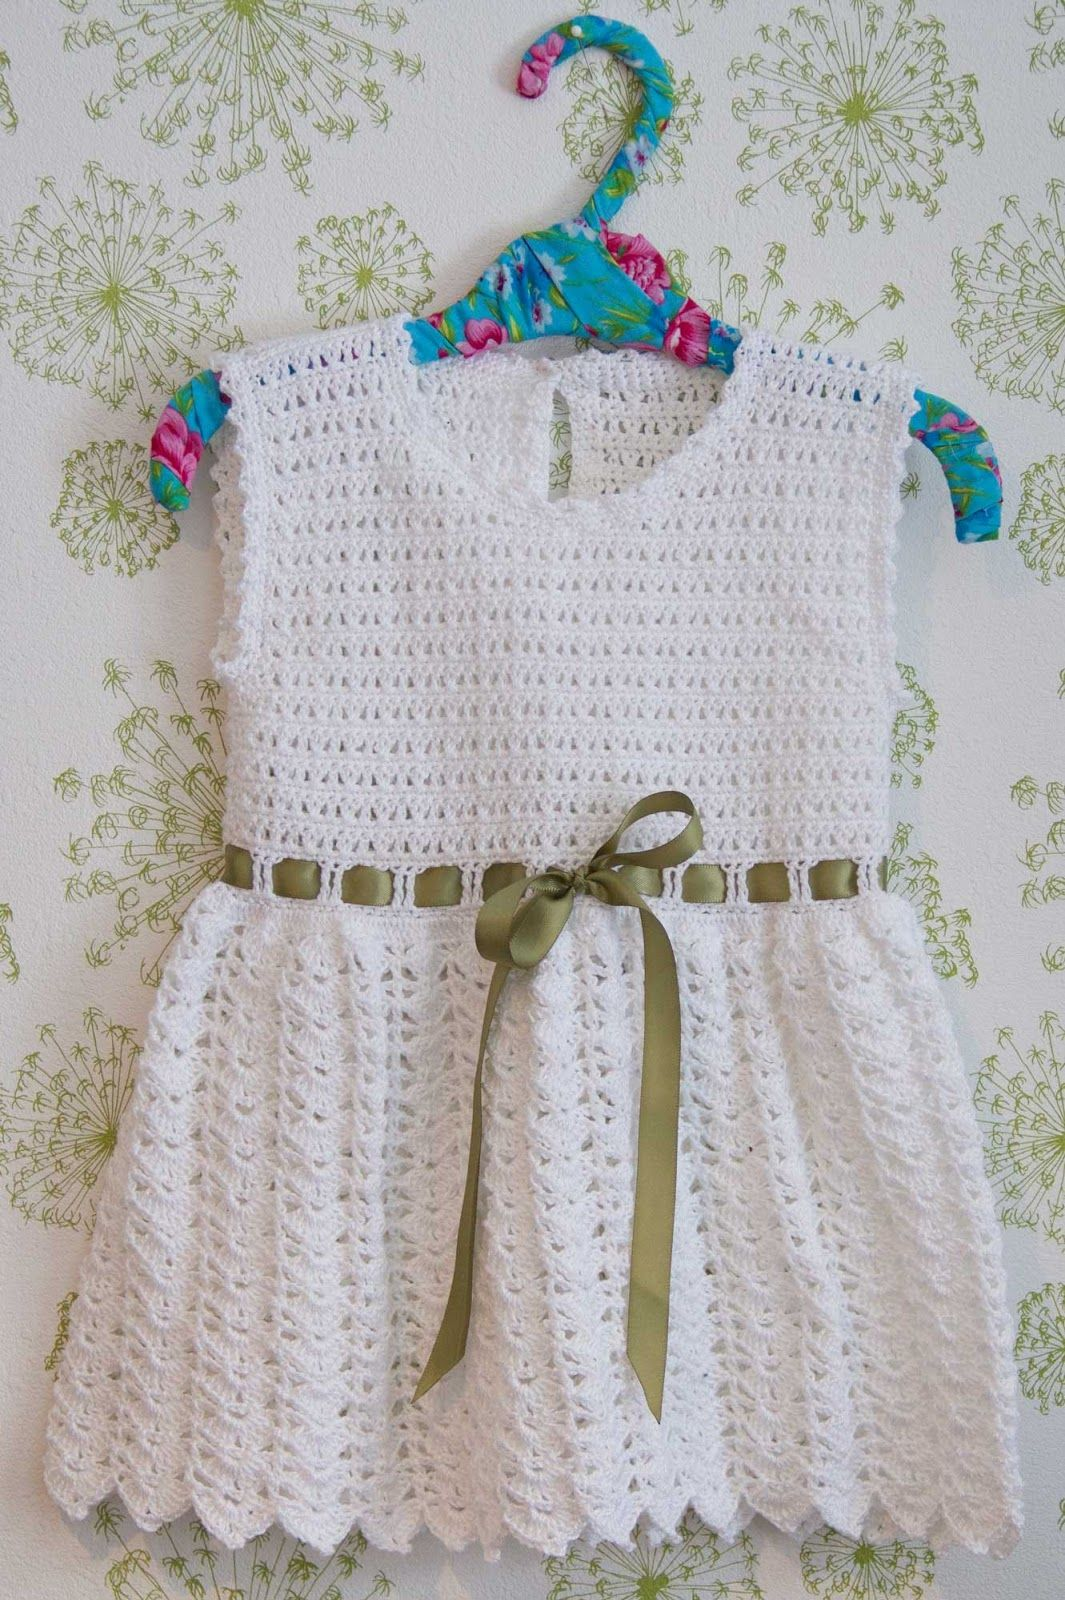 d3856111aab3 virkad klänning baby | Virka | Virka, Virkning baby, Virka baby